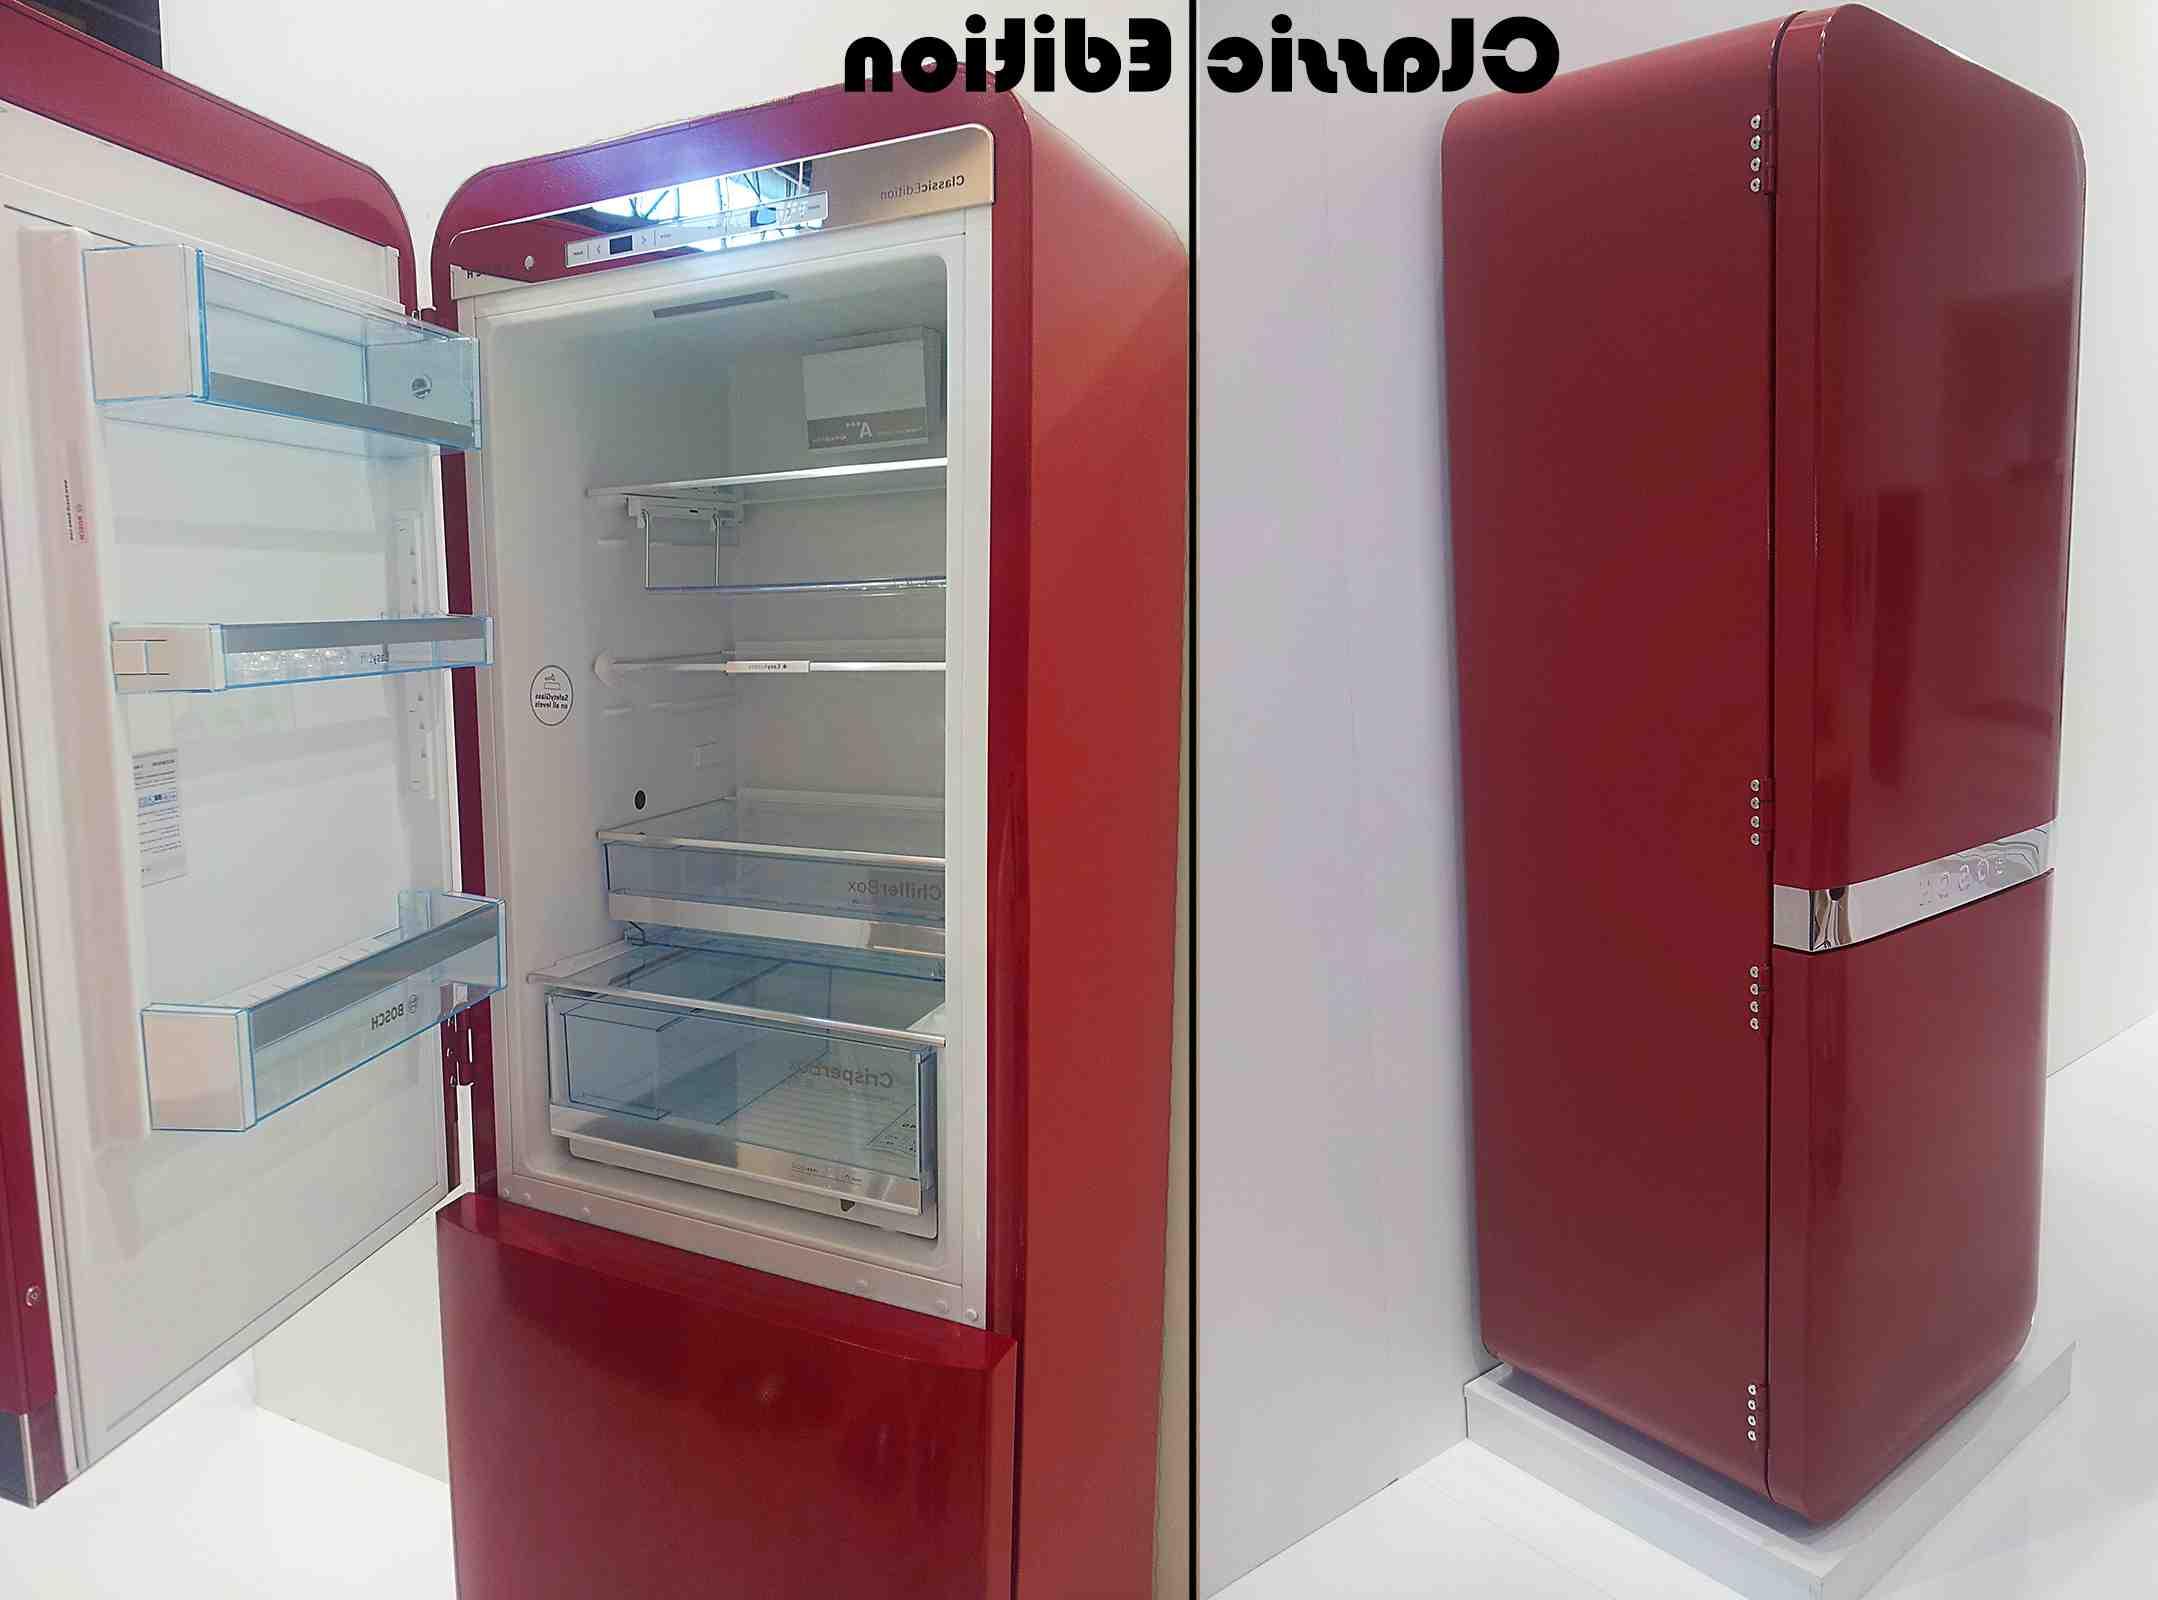 Quelle couleur de frigo choisir ?